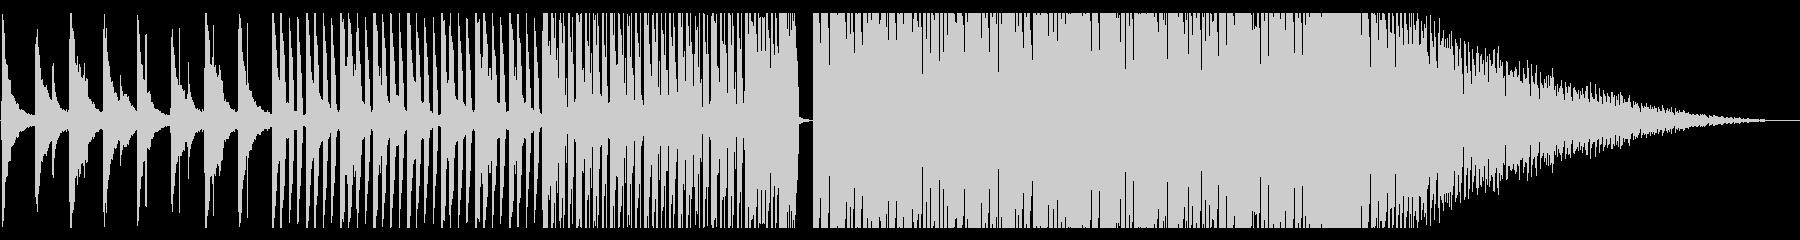 爽やか/トロピカルポップ_No389_3の未再生の波形